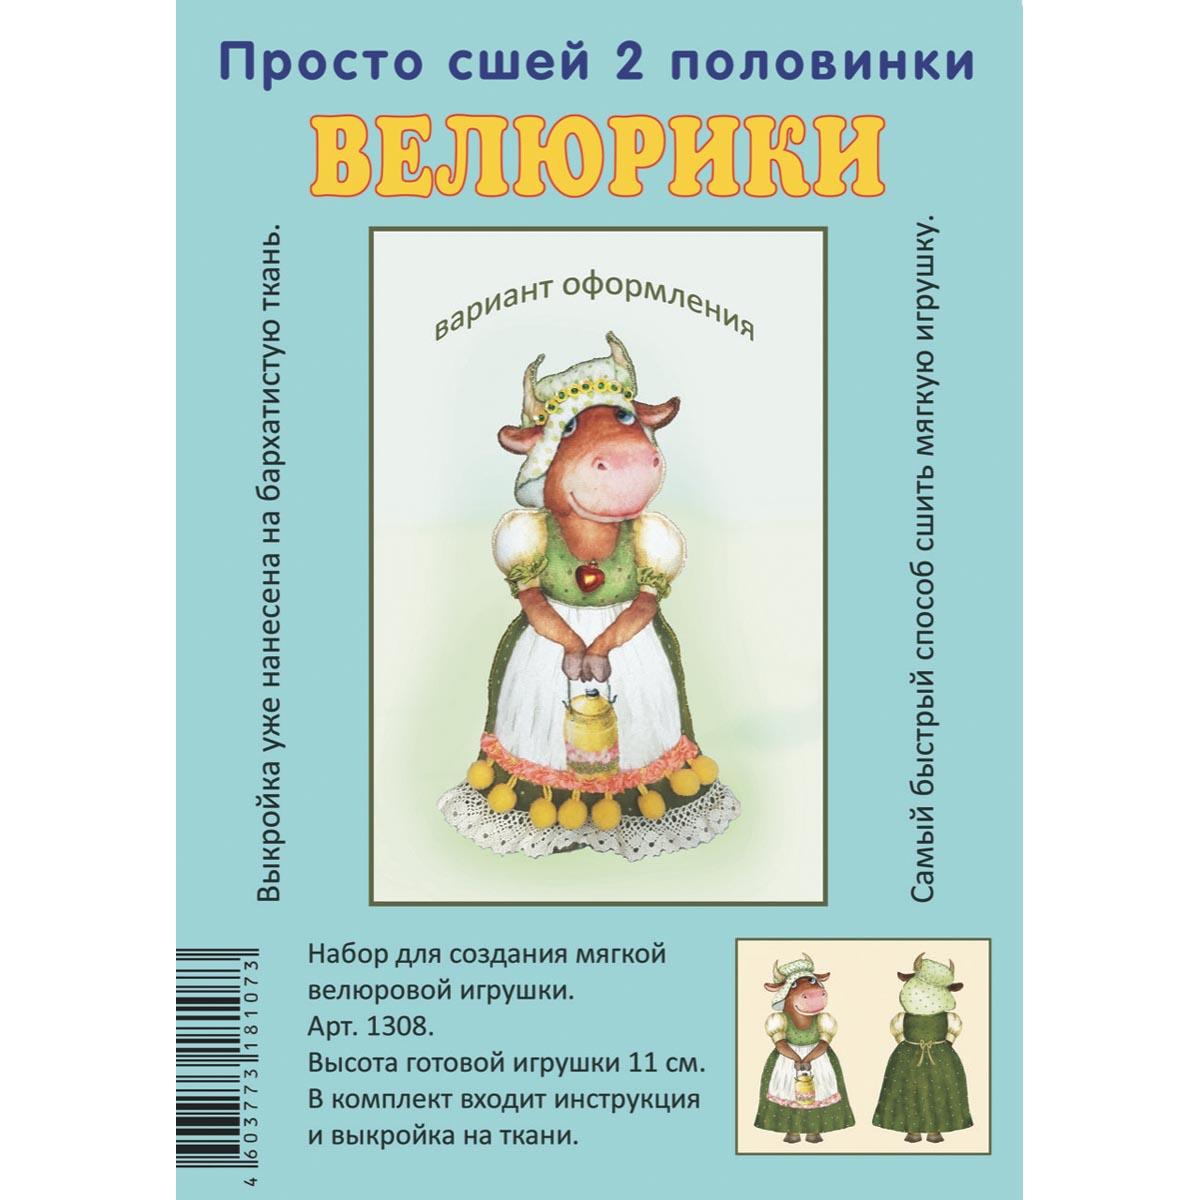 1308 Набор для творчества Велюрики 'Буренка в зеленом платье'11см